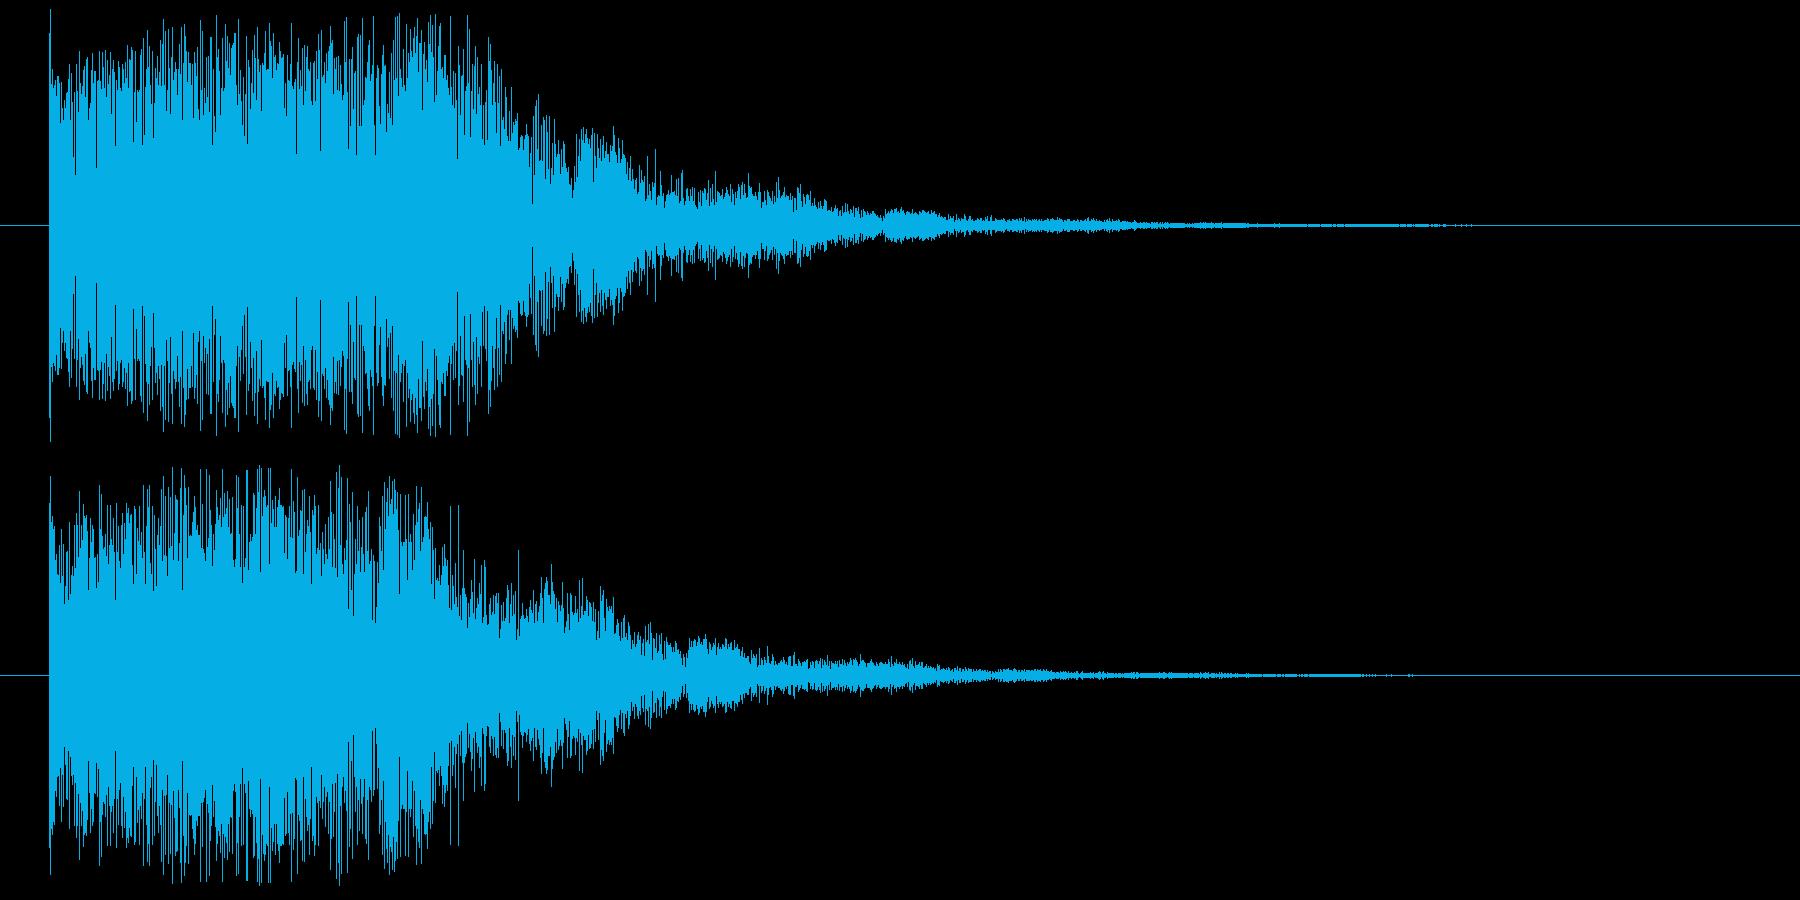 【キャンセル音】歪な,セレクト,ボタン音の再生済みの波形